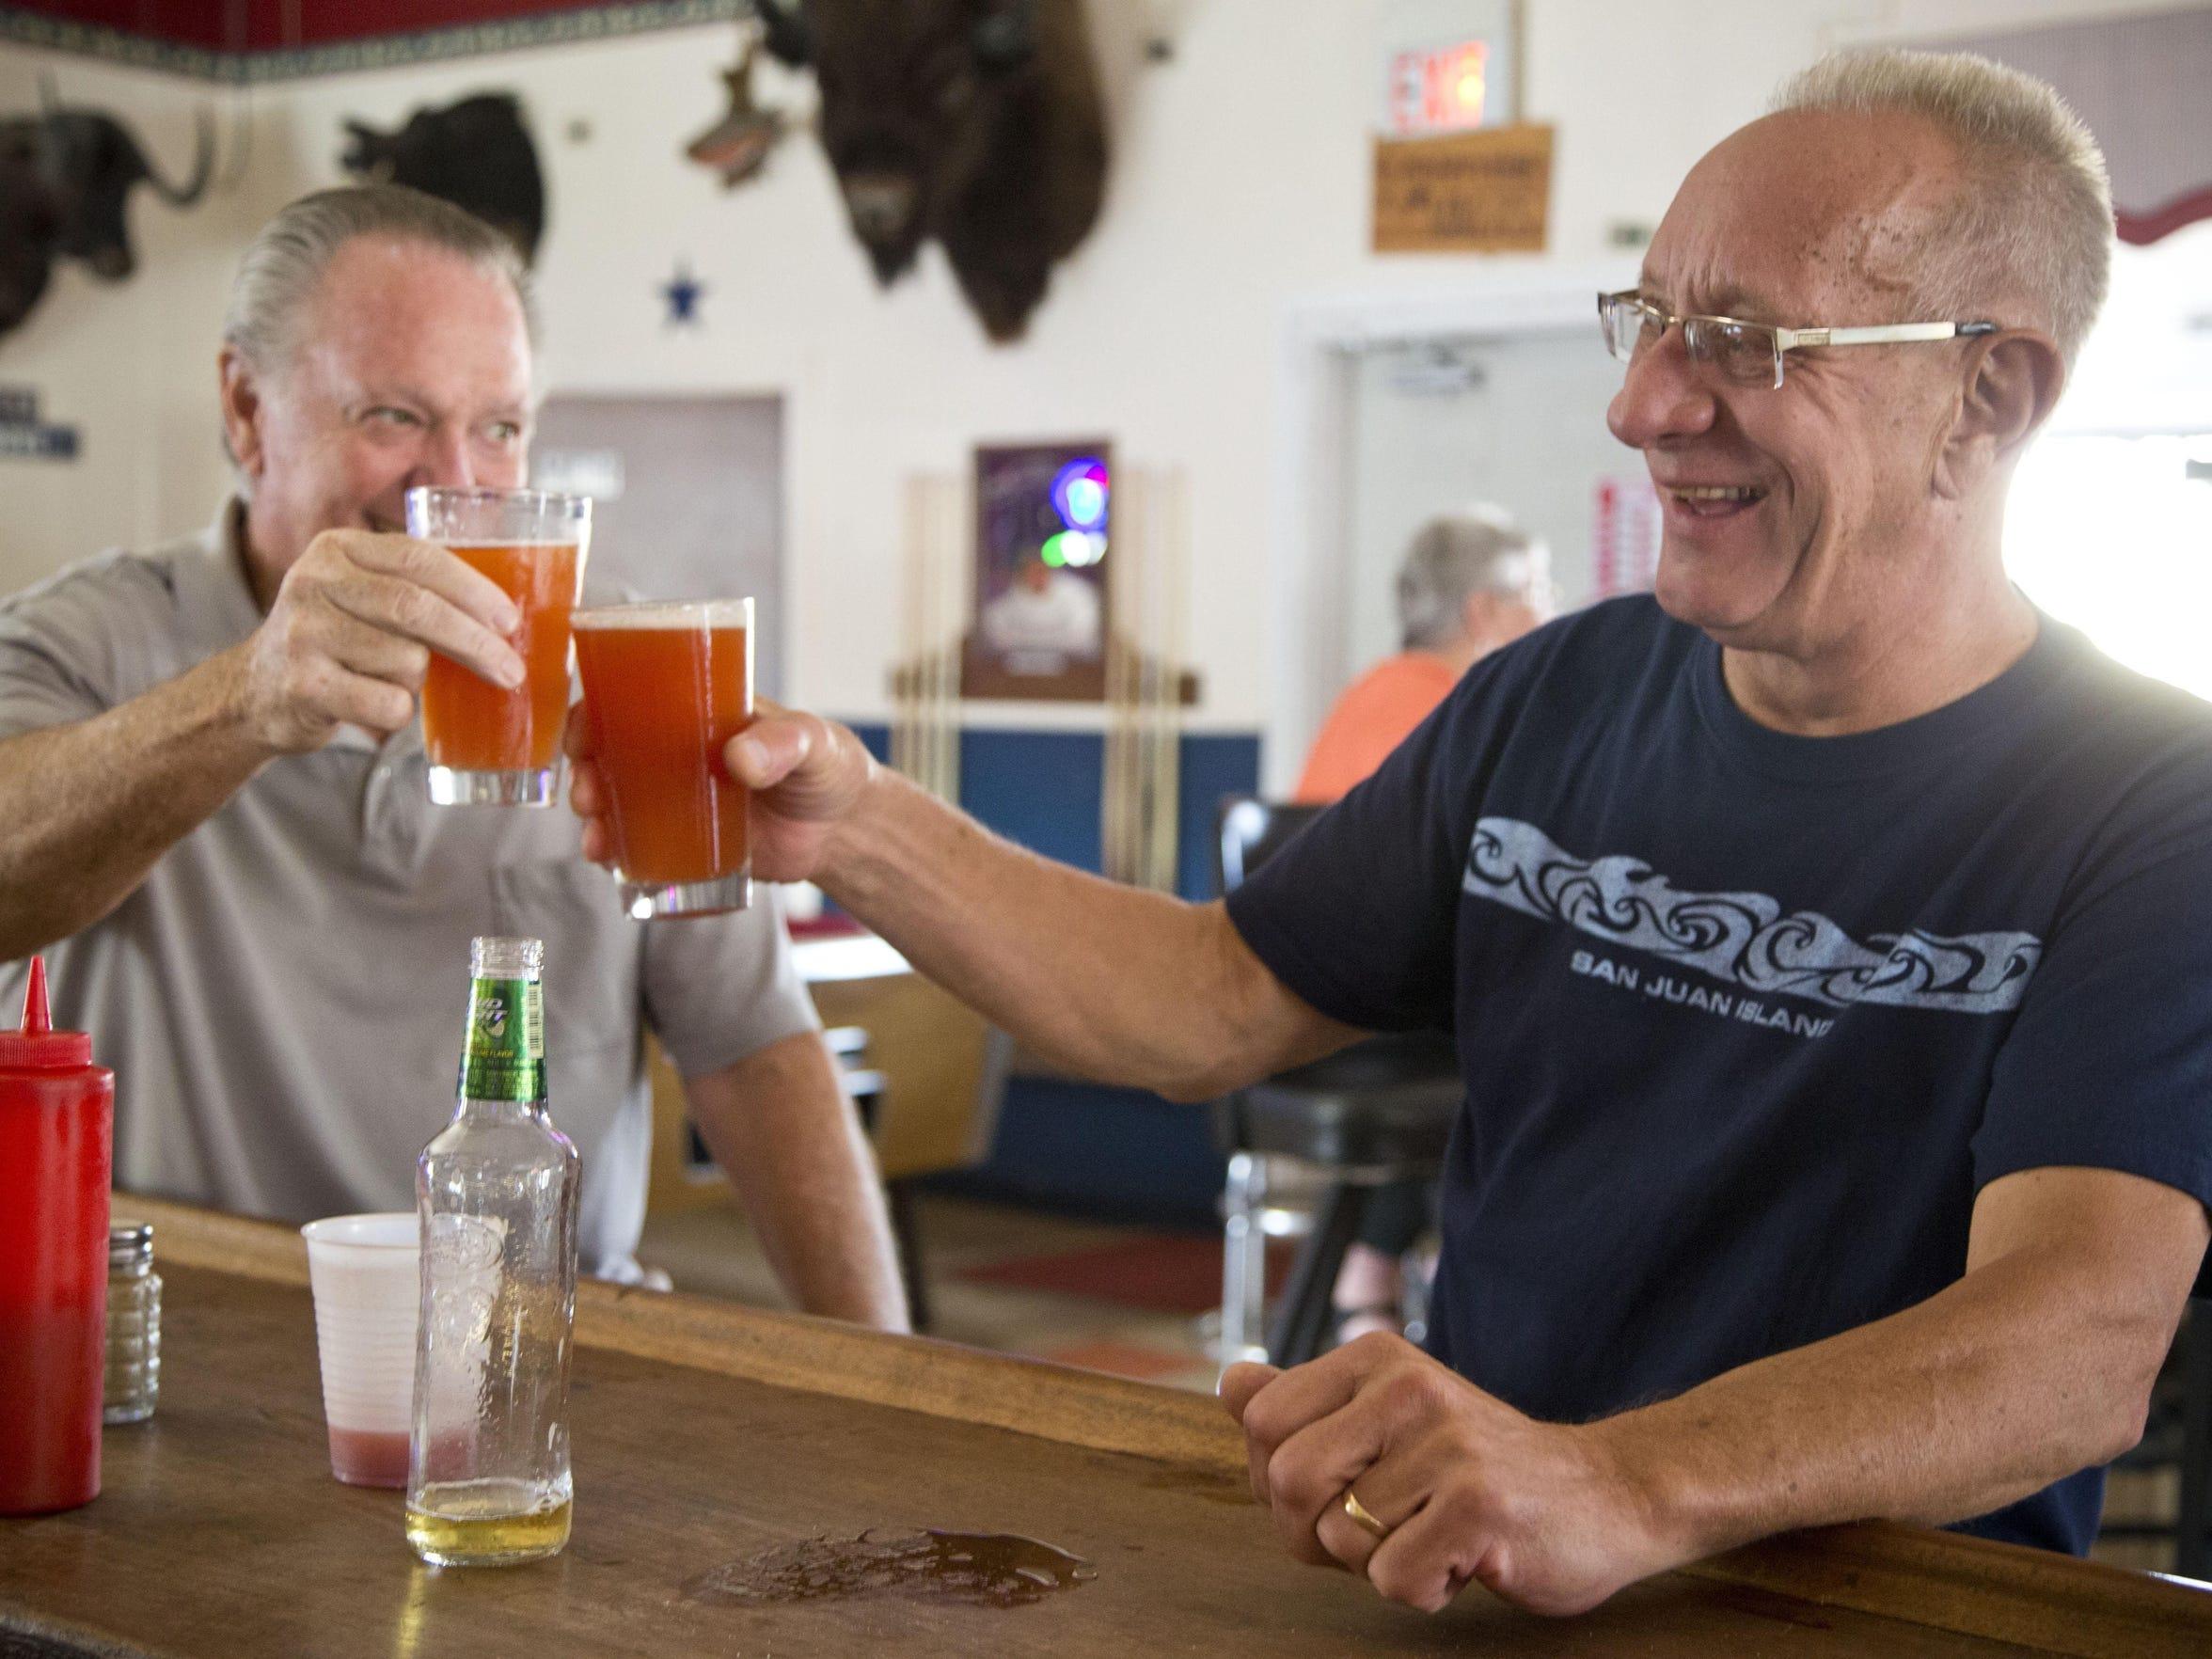 Older bar goers